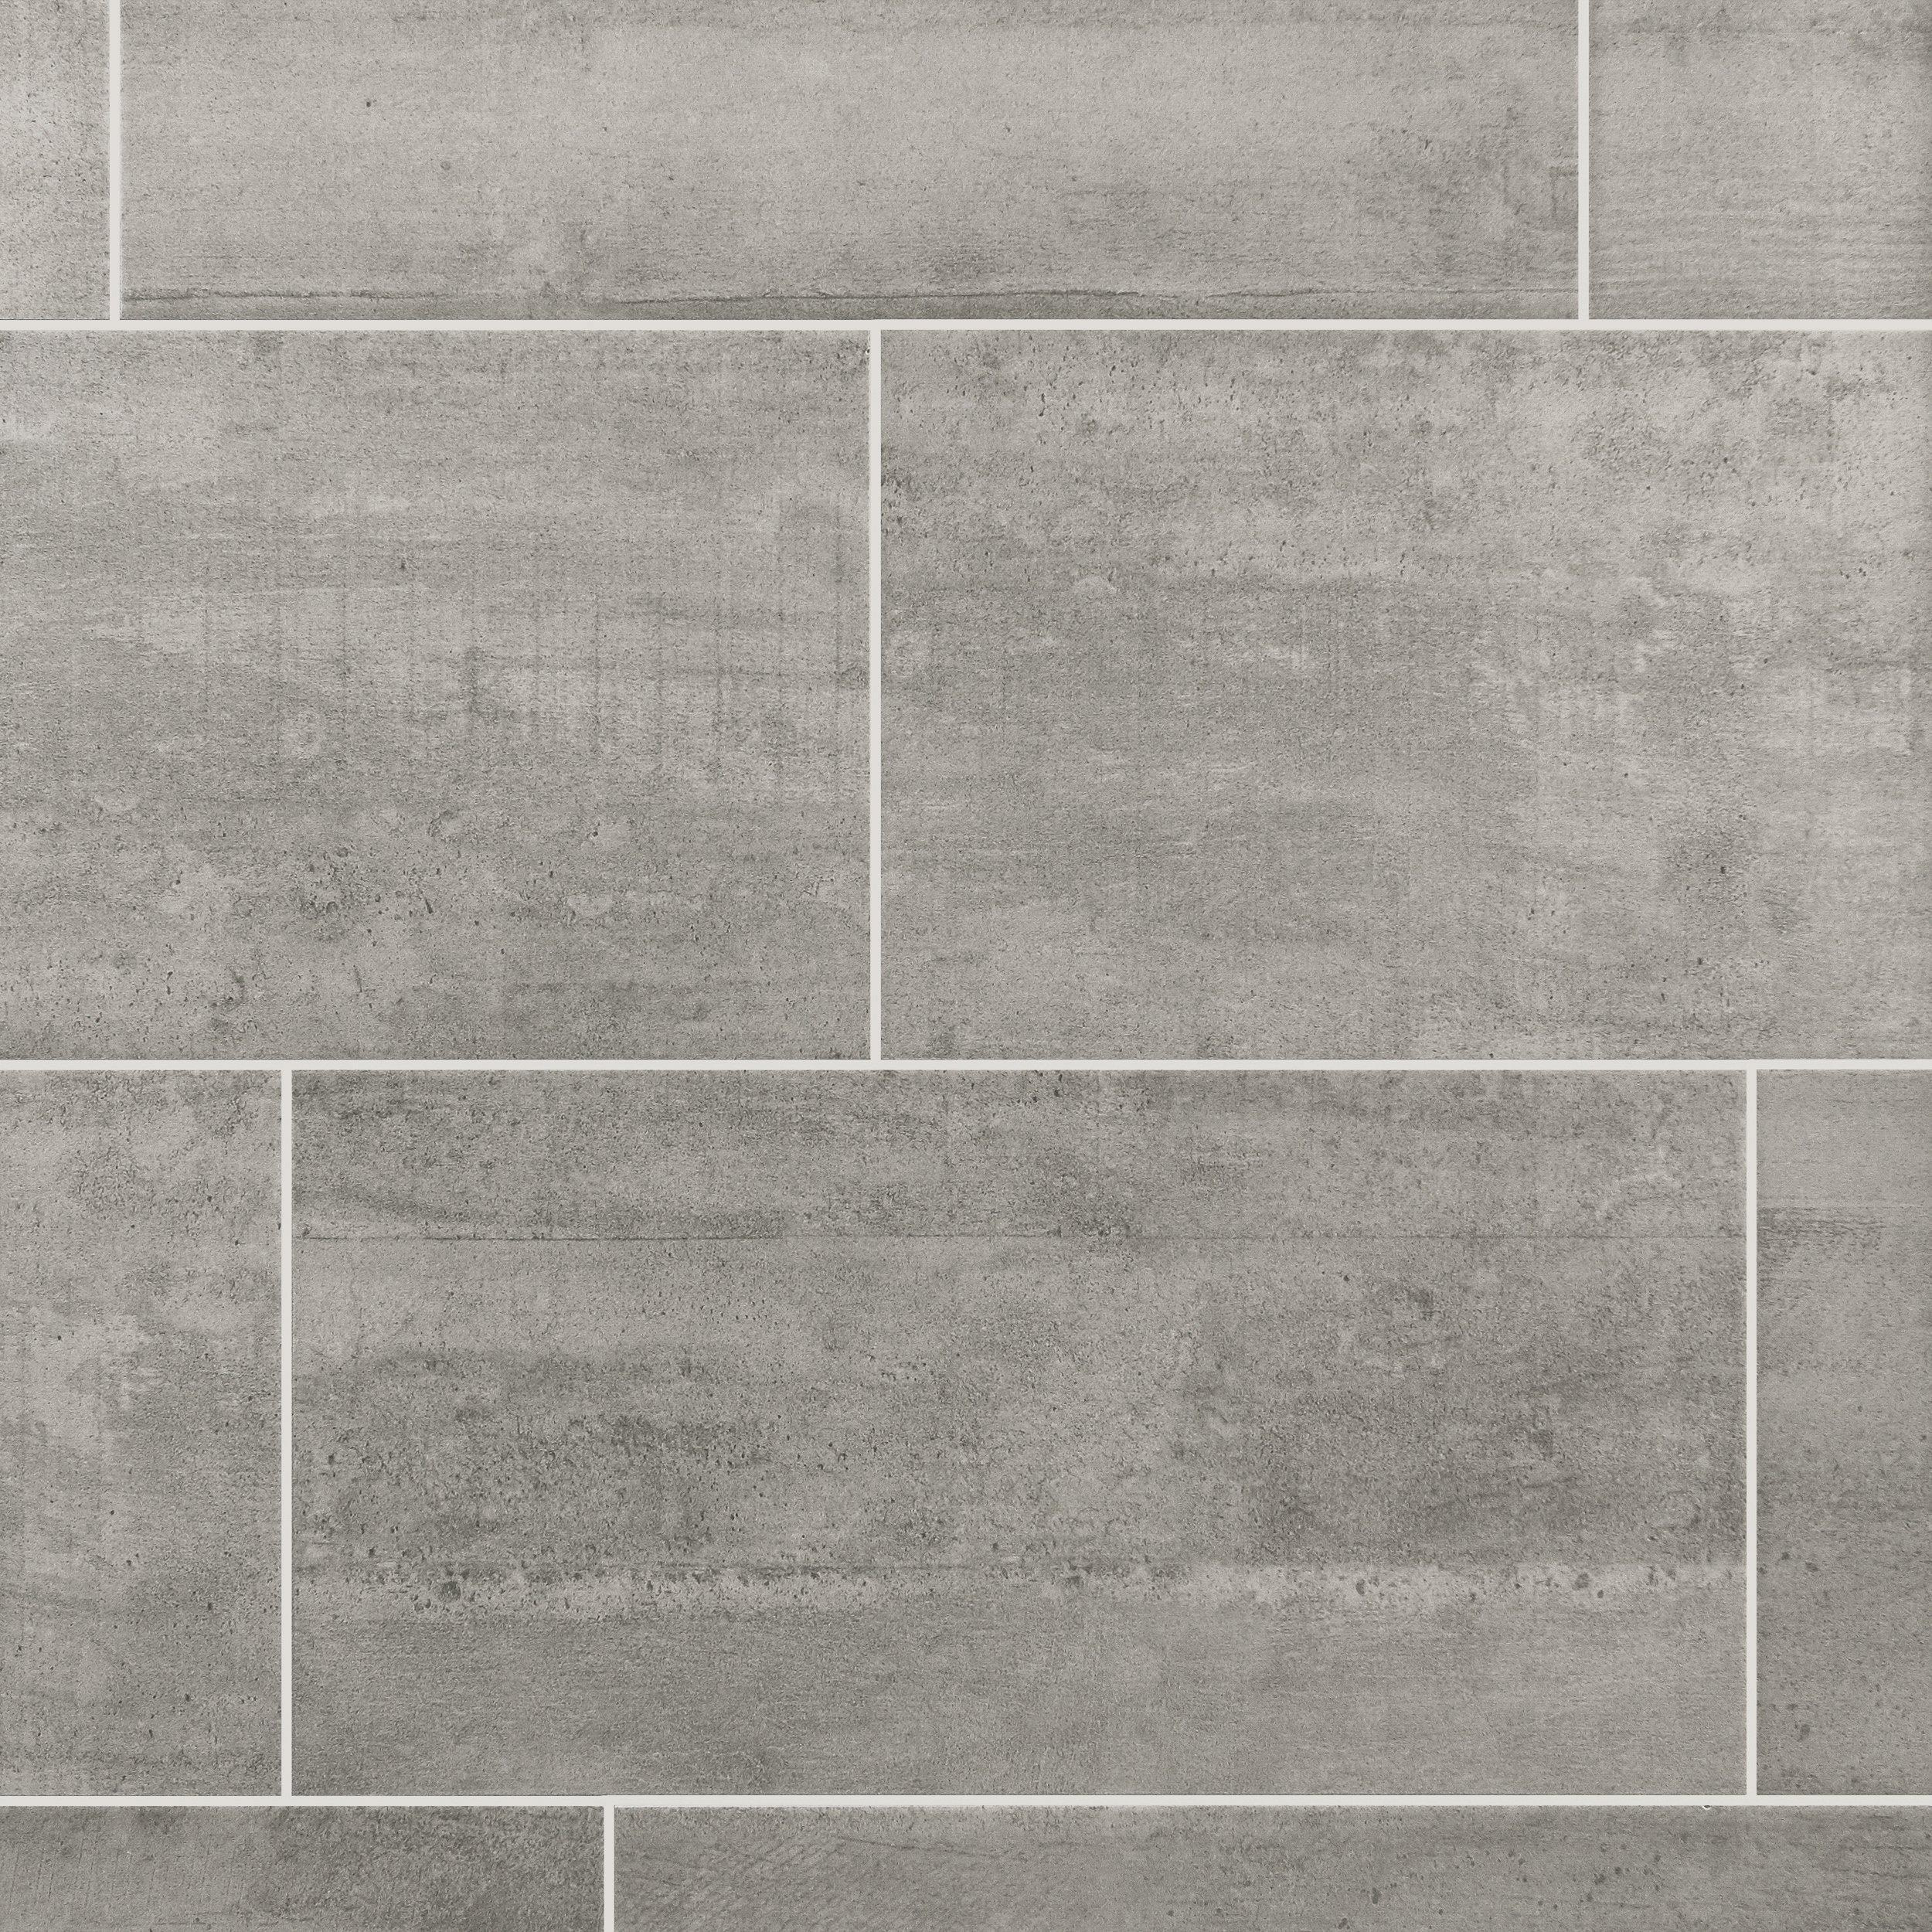 penny tile shower floor stainless concrete gray ceramic tile bathroom floor decor